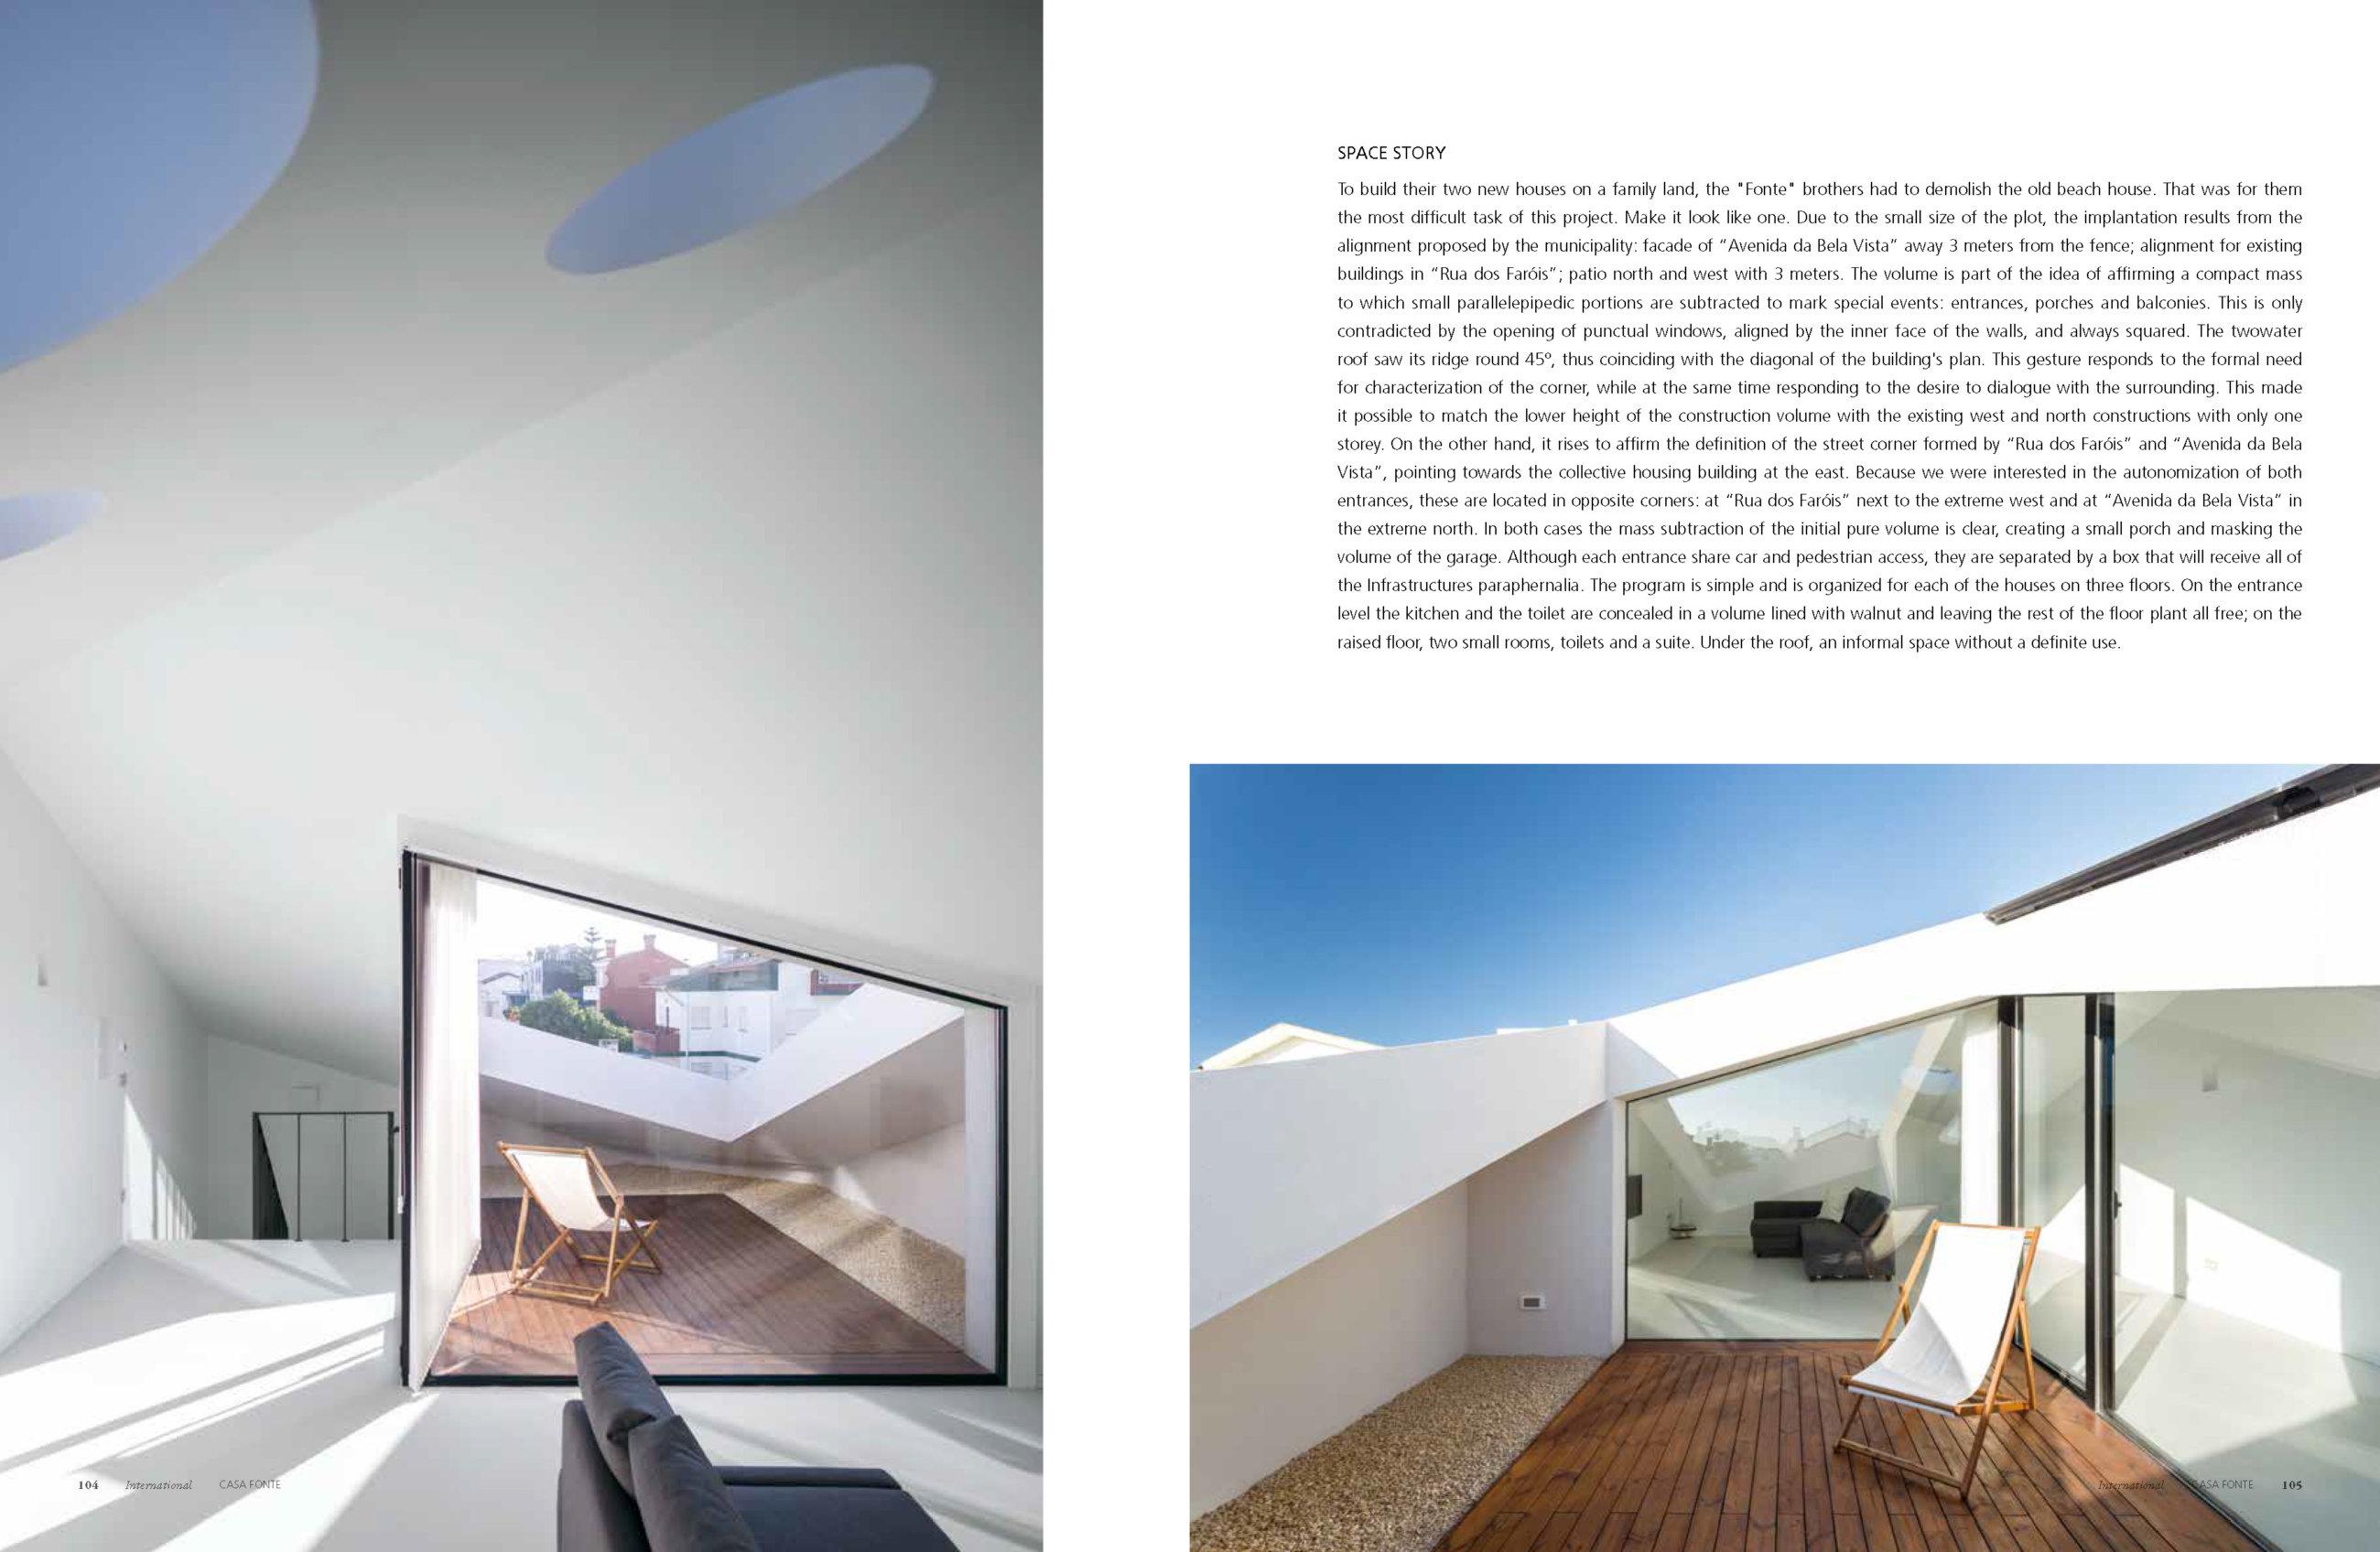 Deco Jornal Revista Arquitetura Lousinha Arquitectos Página 8 do fotografo Ivo Tavares Studio